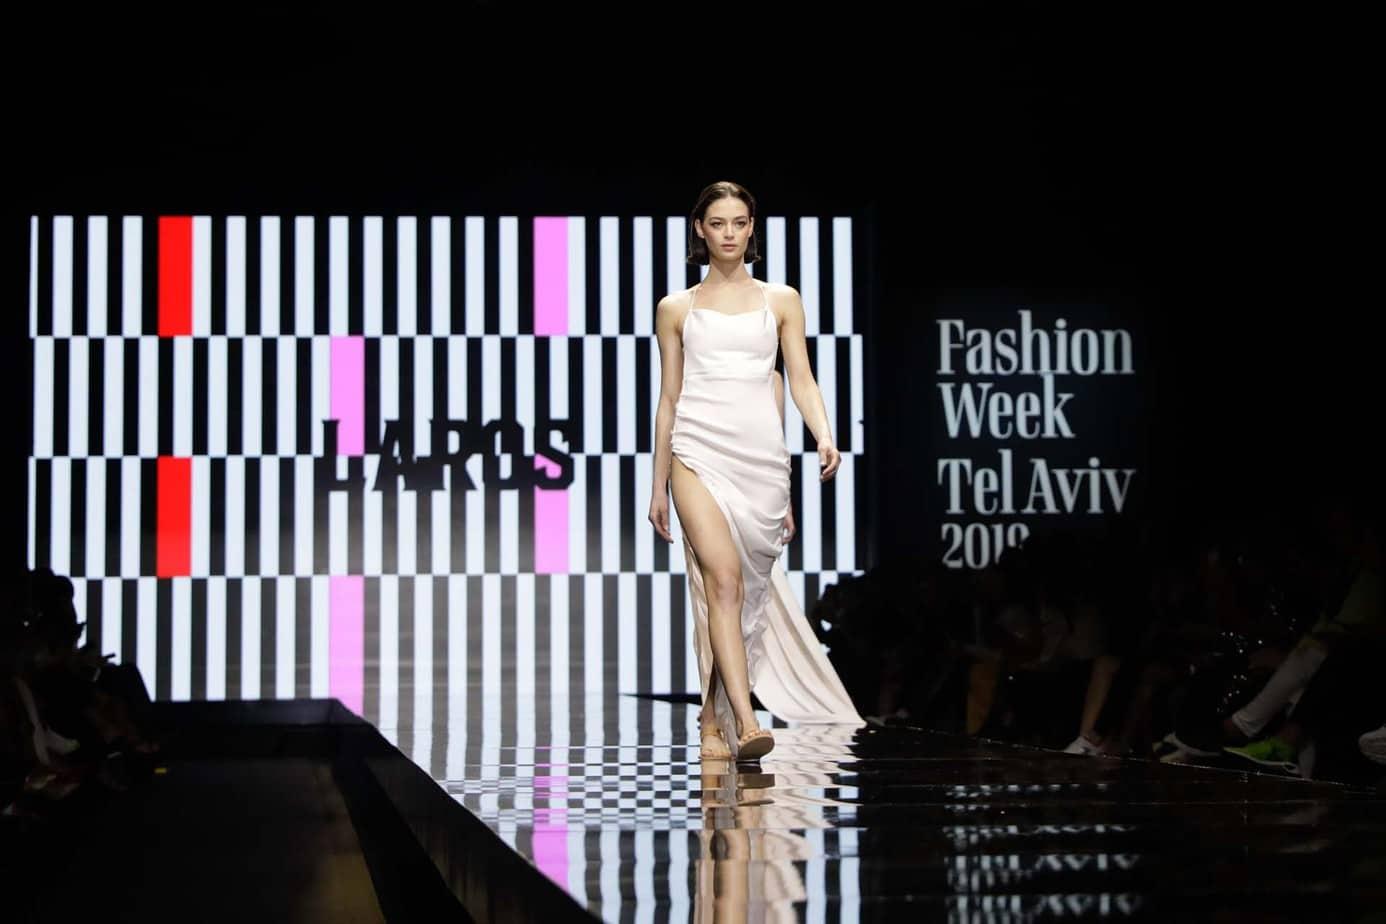 קולקציה עידן לרוס, תצוגת אופנה עידן לרוס שבוע האופנה תל אביב 2019, צילום עומר קפלן - 112